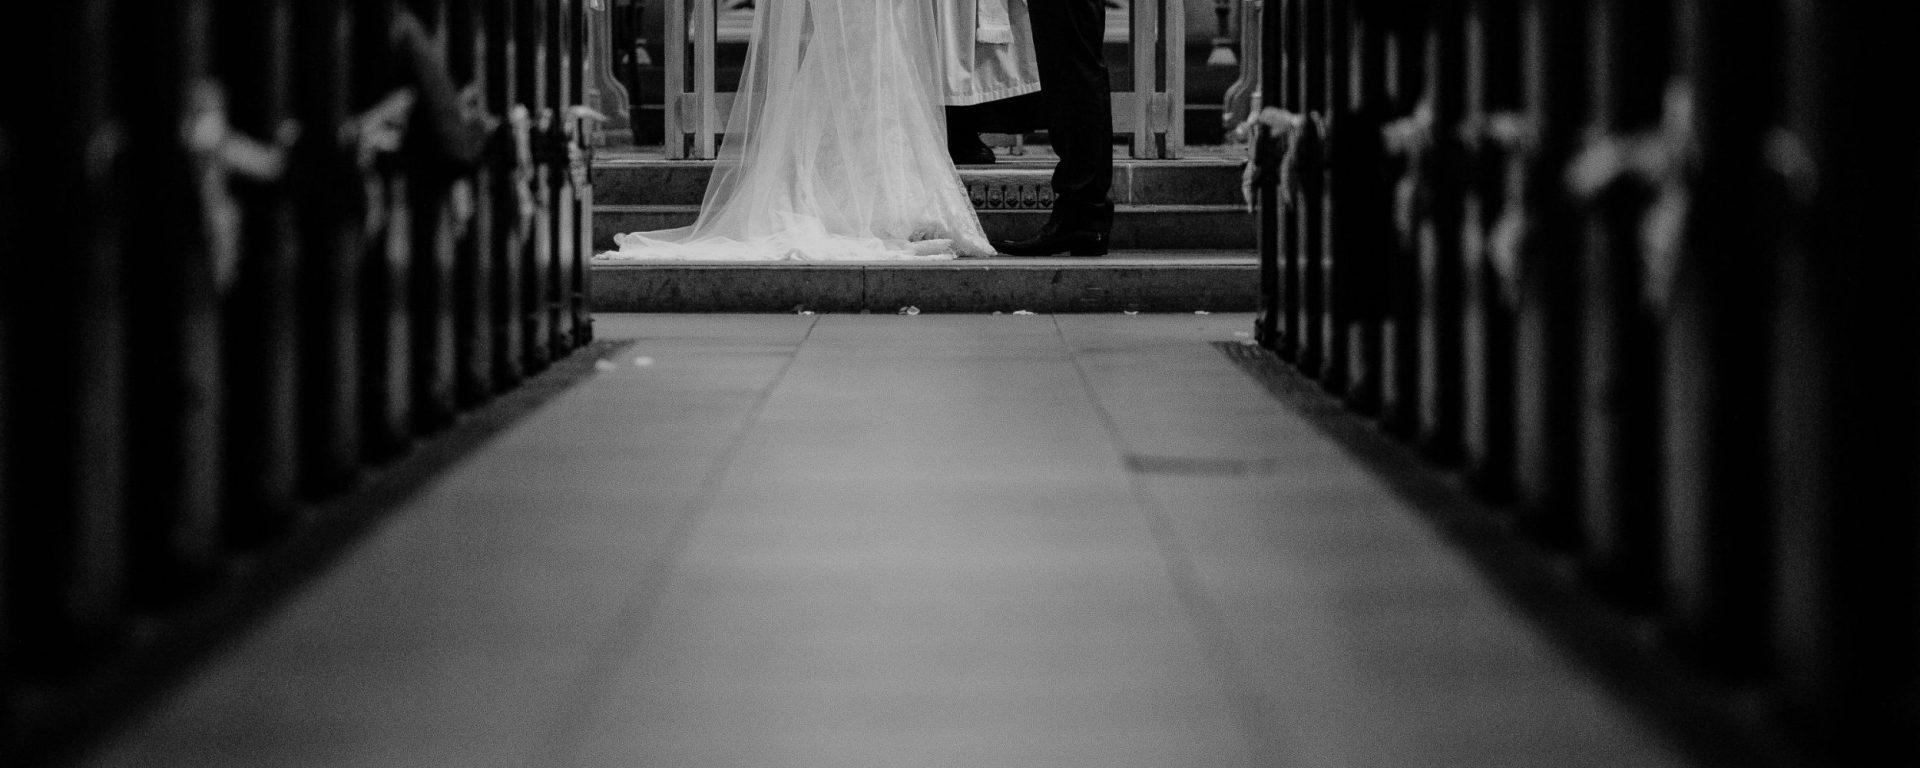 Image: Jeremy Wong Weddings